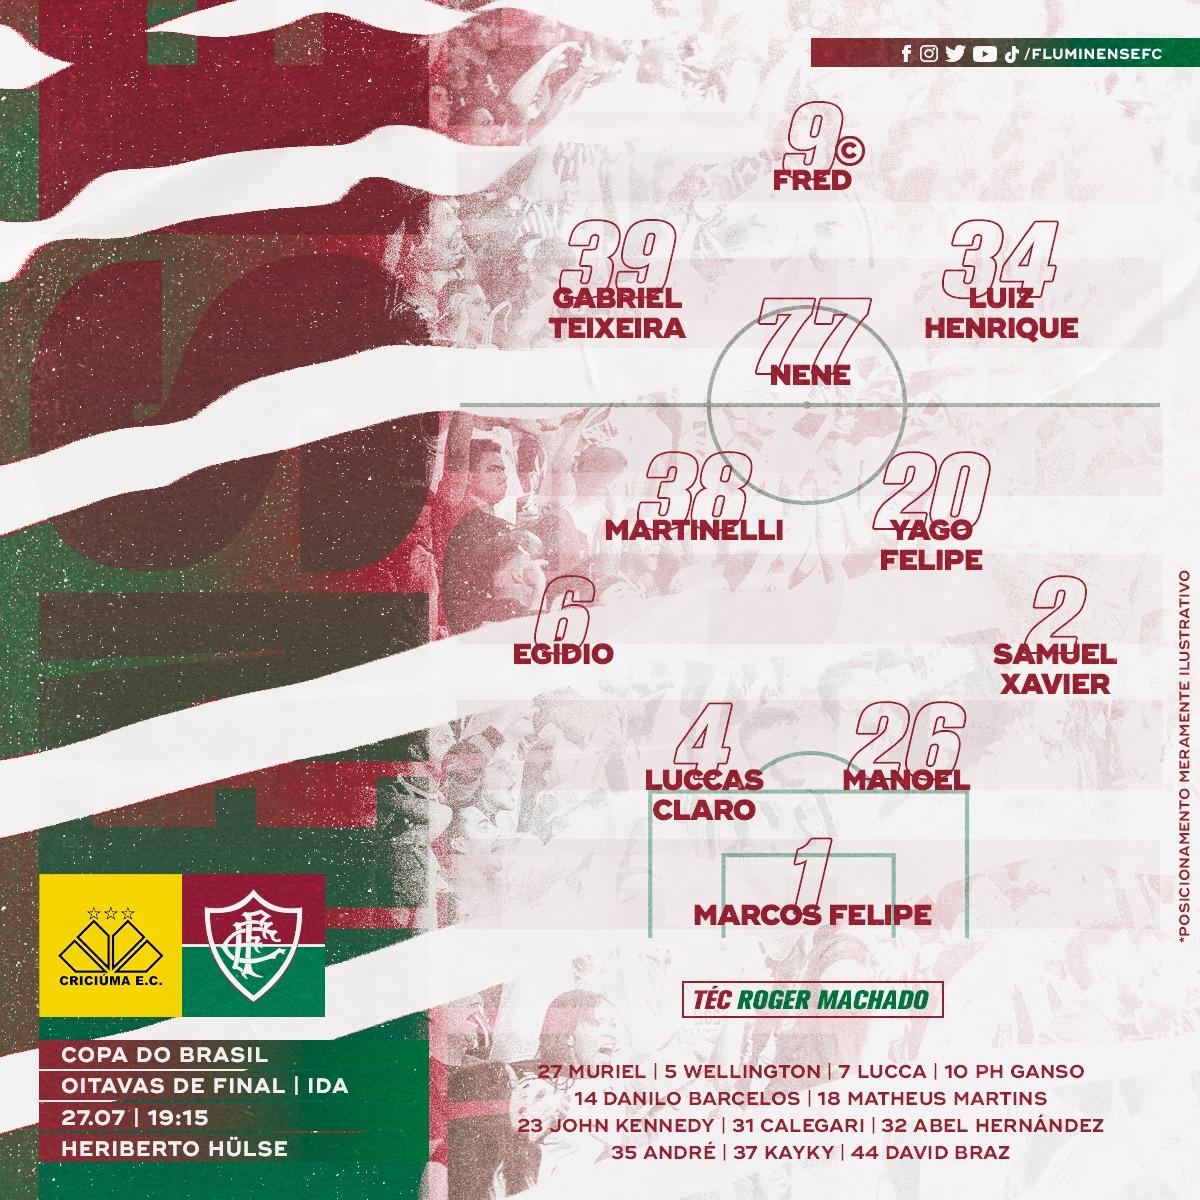 Fluminense escalado para pegar o Criciúma pela Copa do Brasil